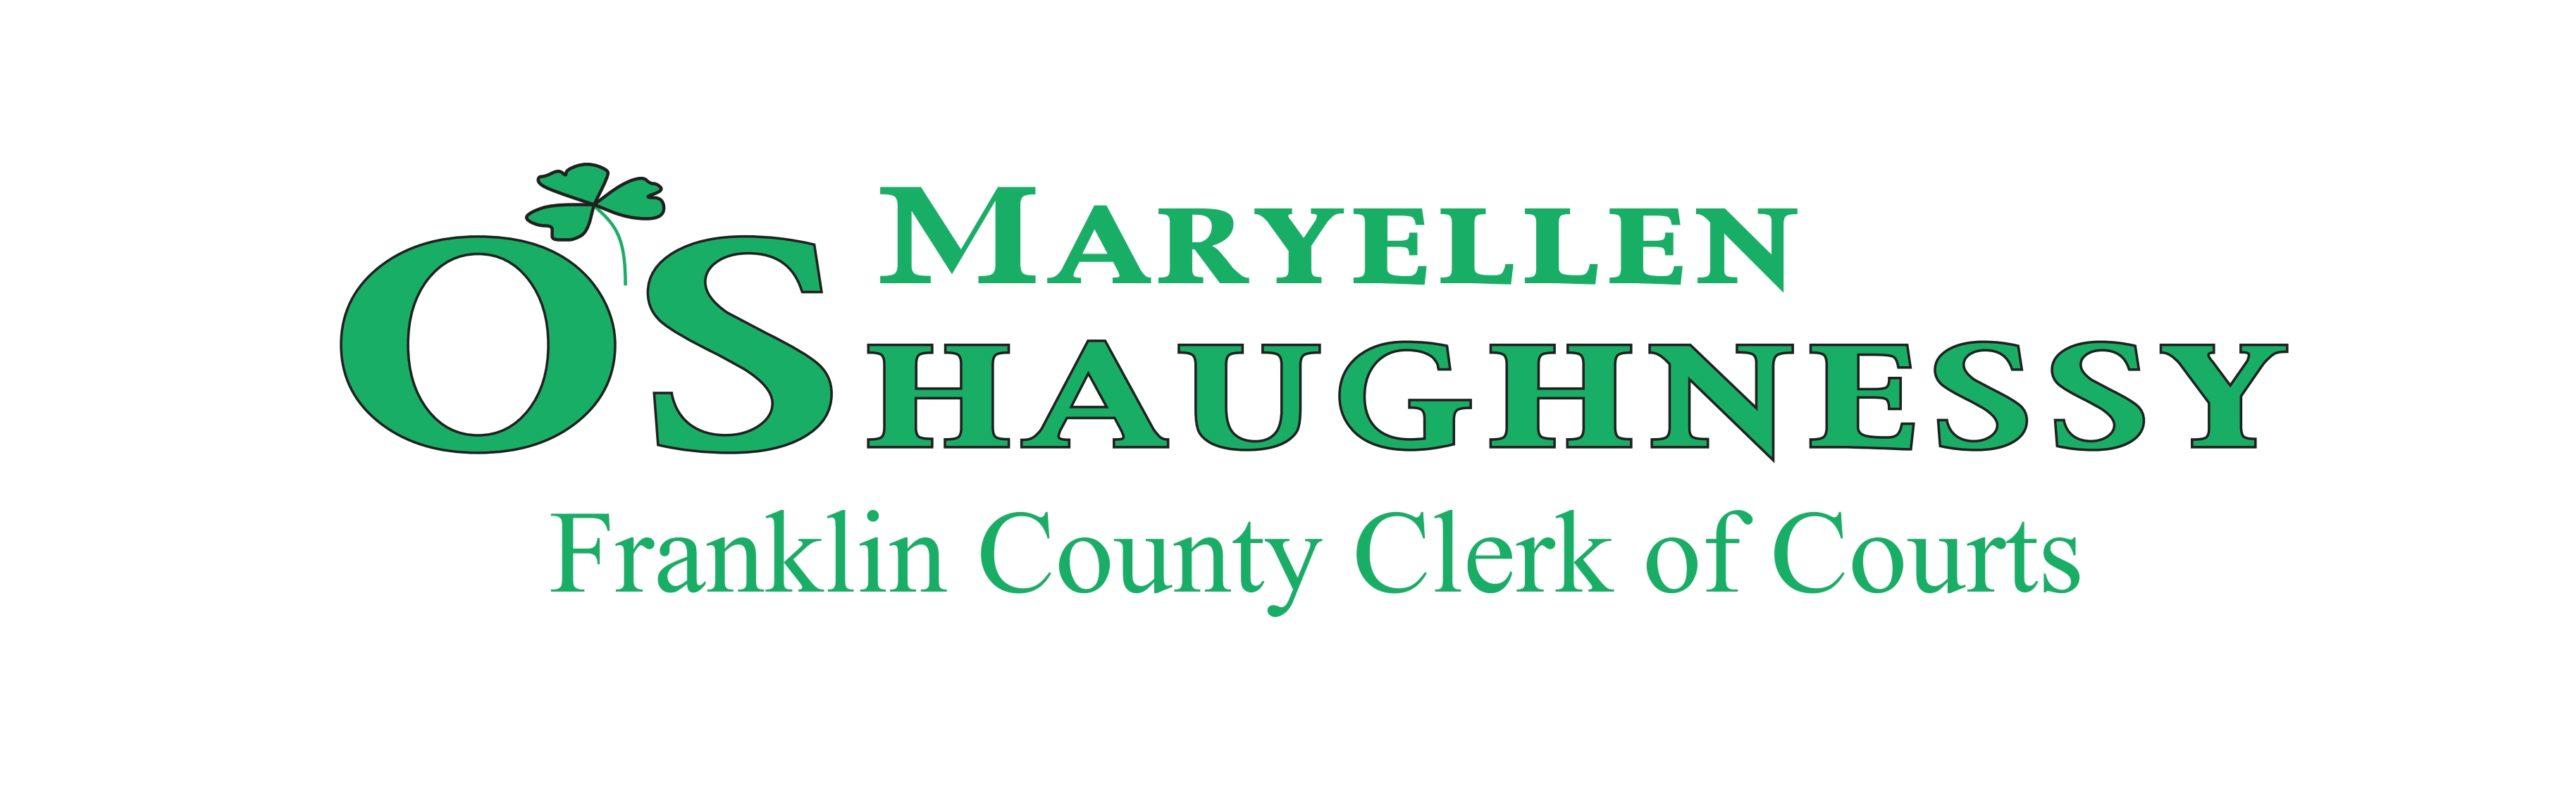 Maryellen O'Shaughnessy